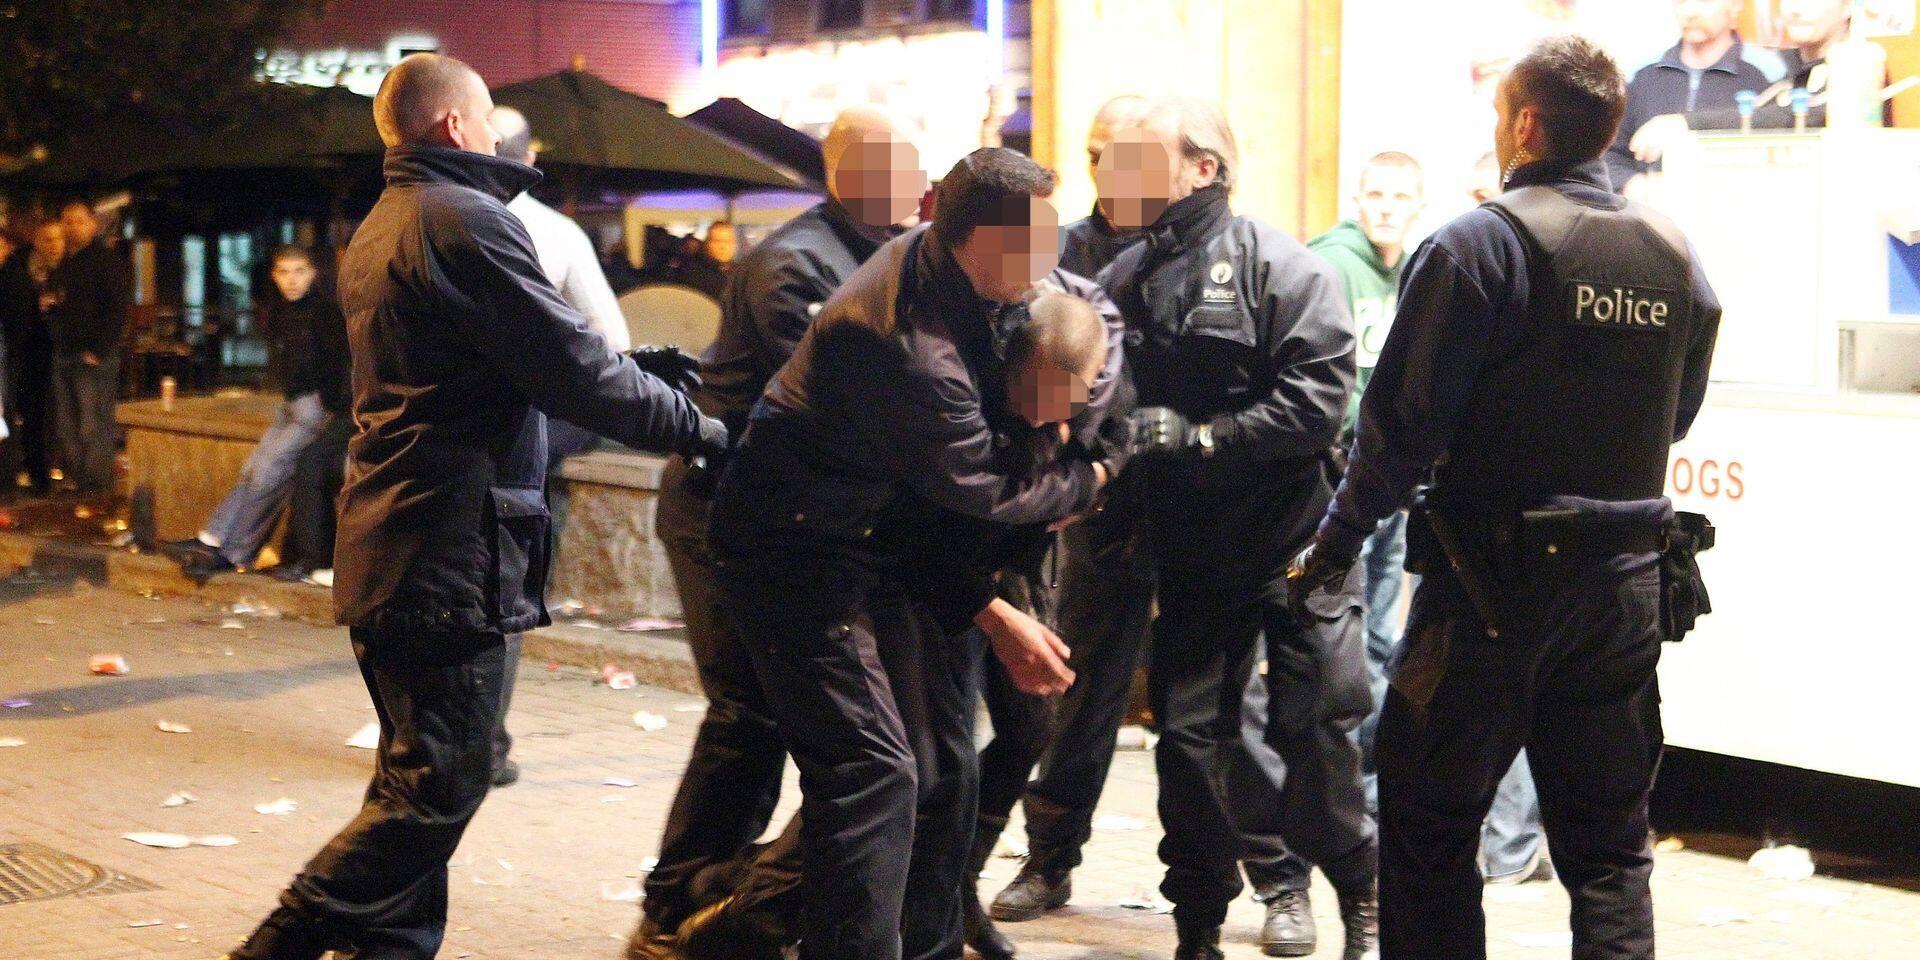 Mouscron : Violence policière, rébellion ou les deux?